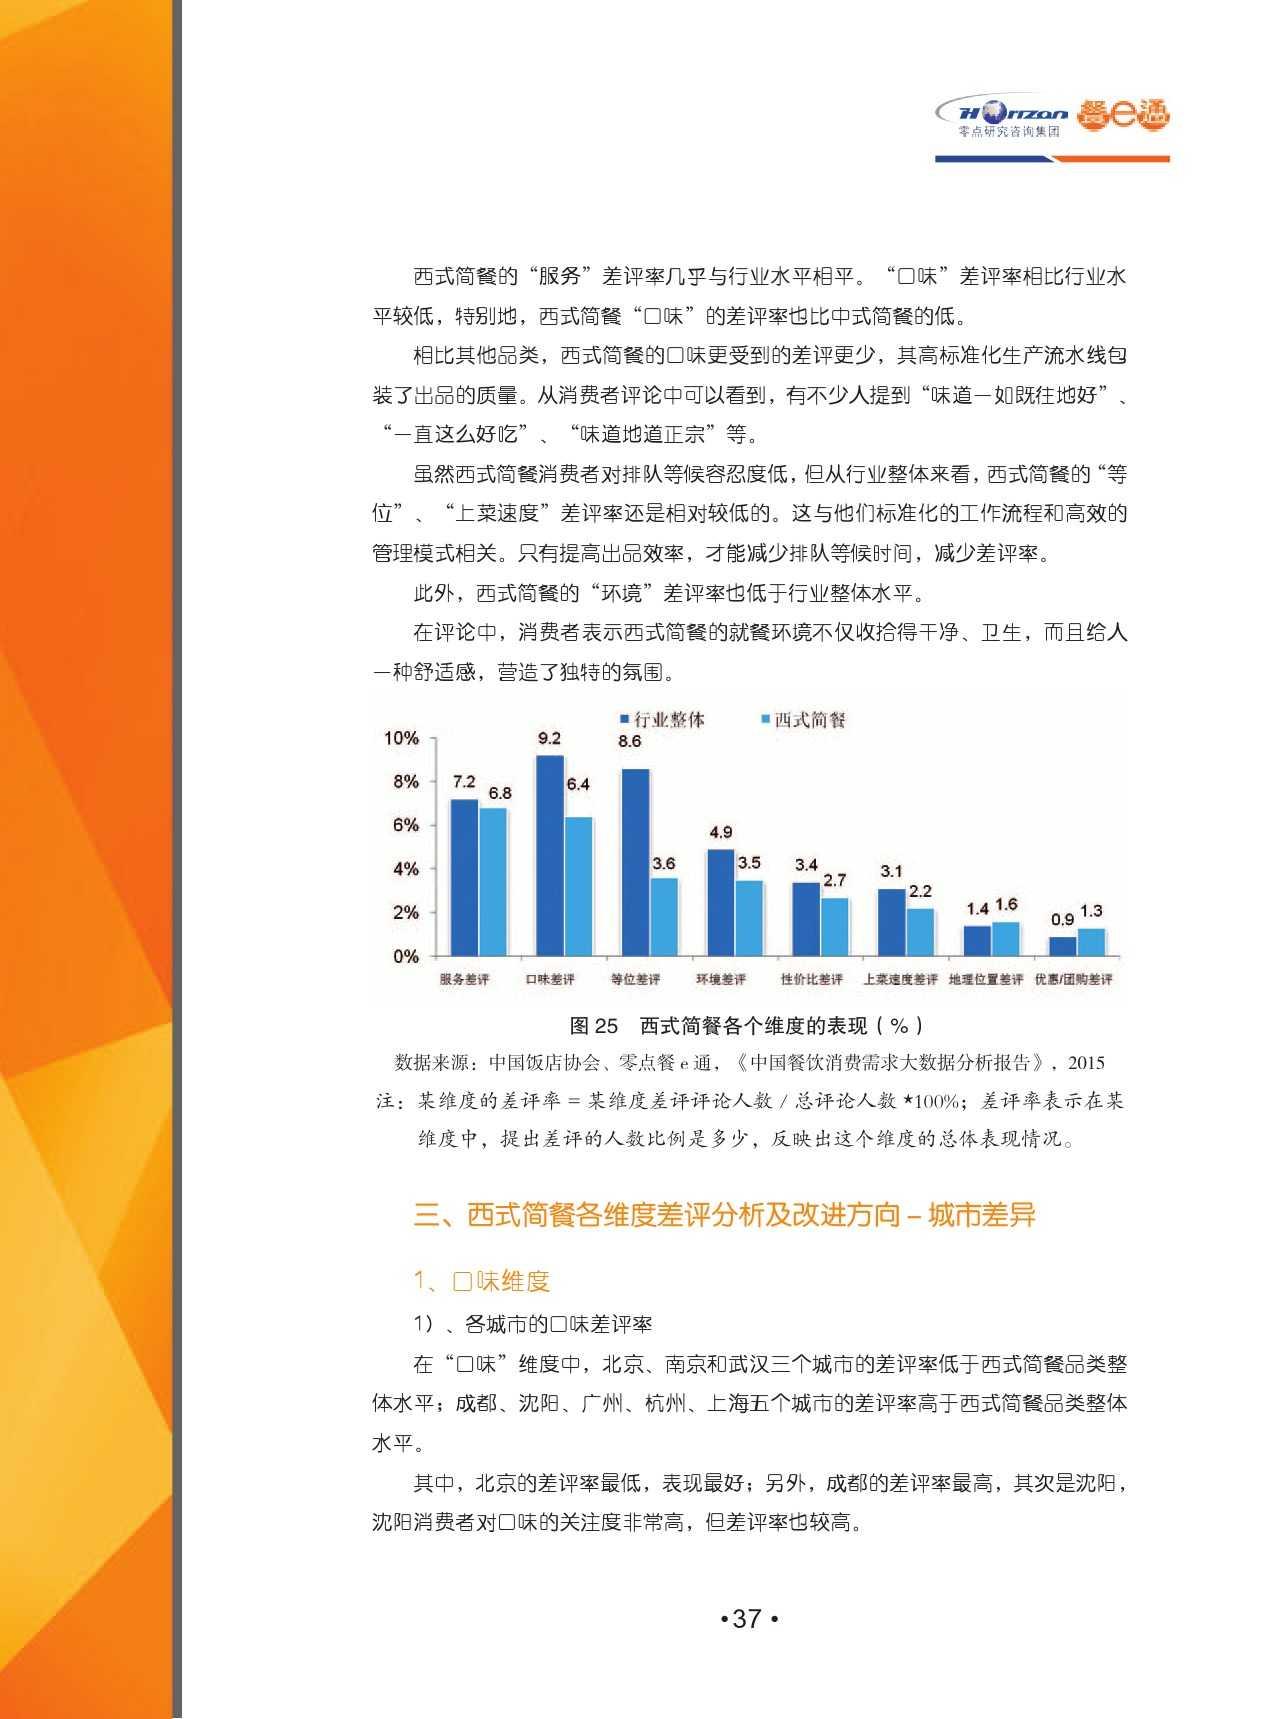 2015中国餐饮消费需求大数据分析报告_000039